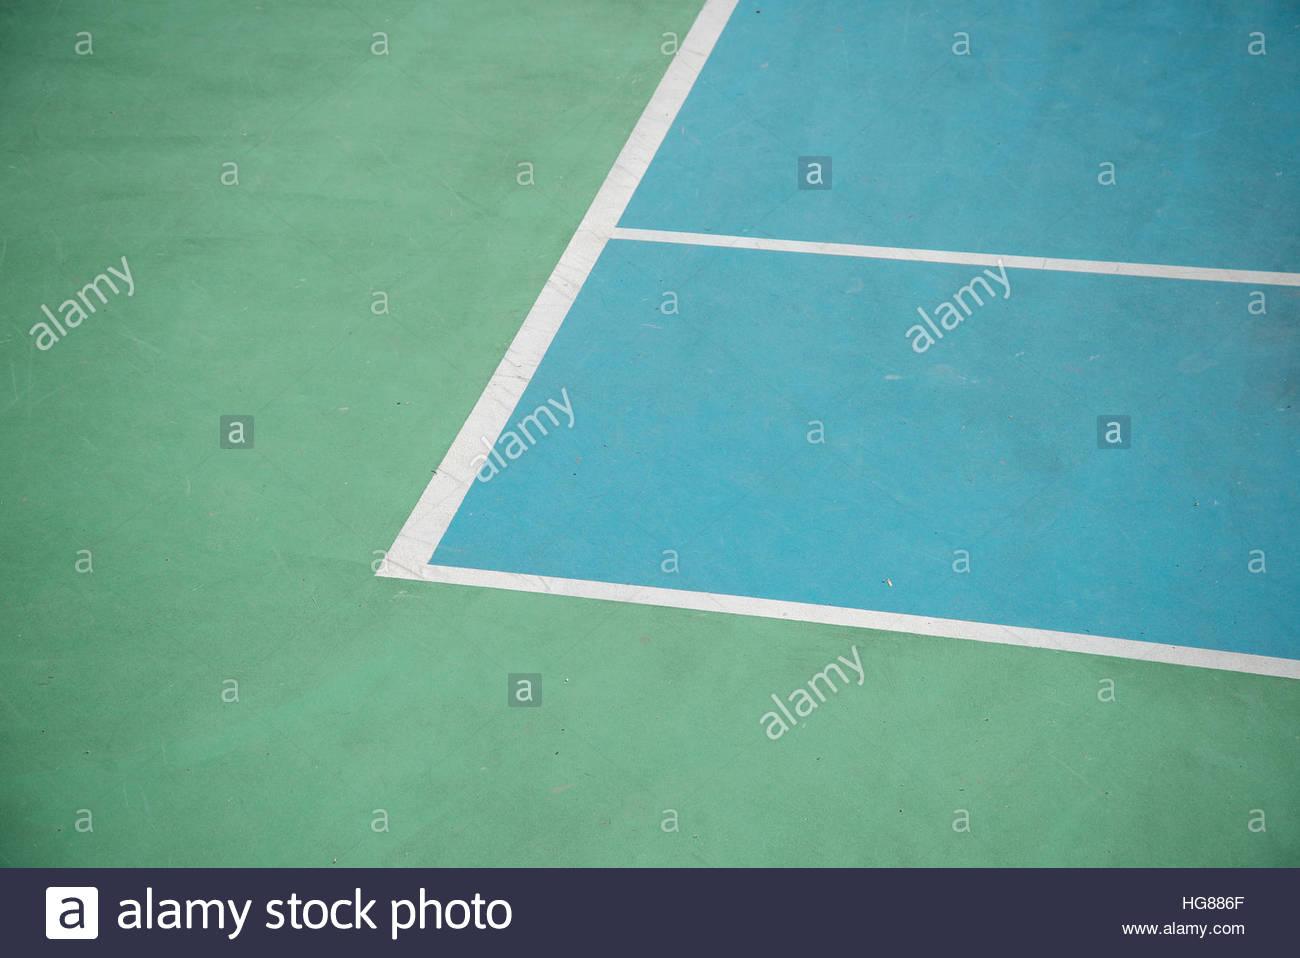 Elevato angolo di visualizzazione angolo di marcatura nel campo da tennis Foto Stock